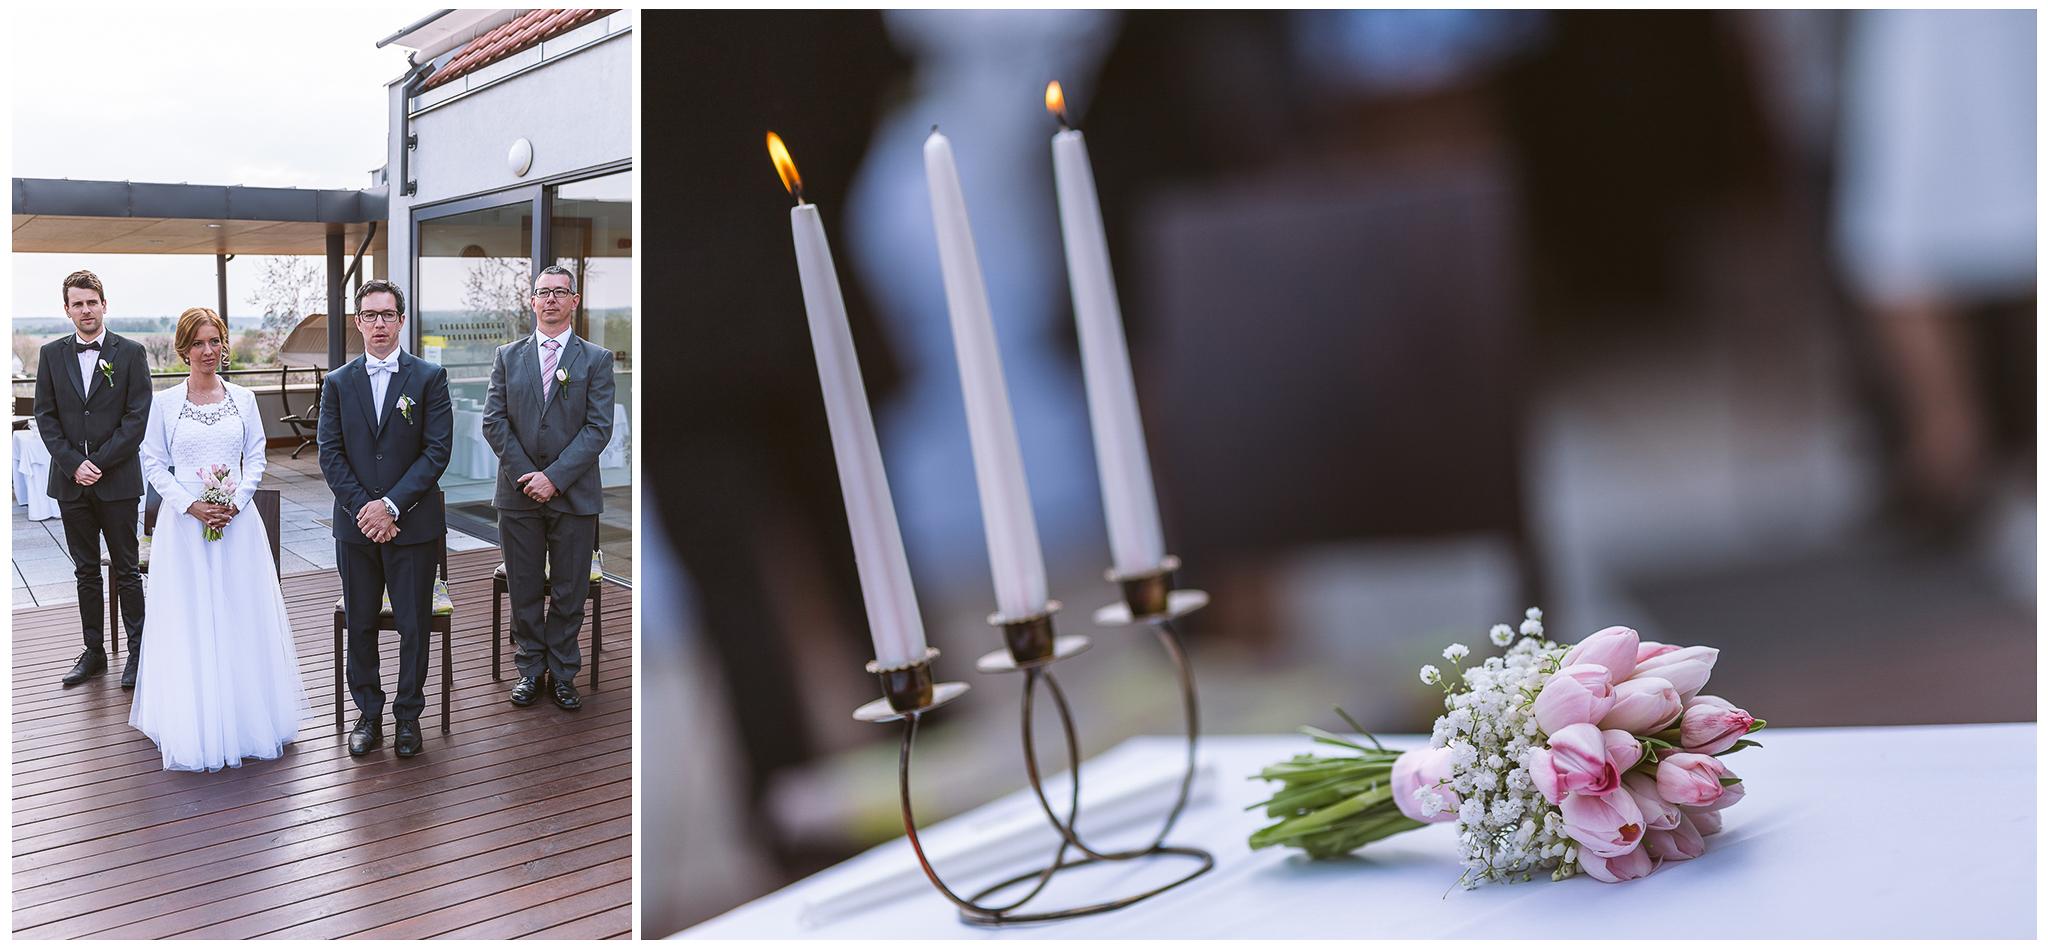 FylepPhoto, esküvőfotós, esküvői fotós Körmend, Szombathely, esküvőfotózás, magyarország, vas megye, prémium, jegyesfotózás, Fülöp Péter, körmend, kreatív, fotográfus_30.jpg